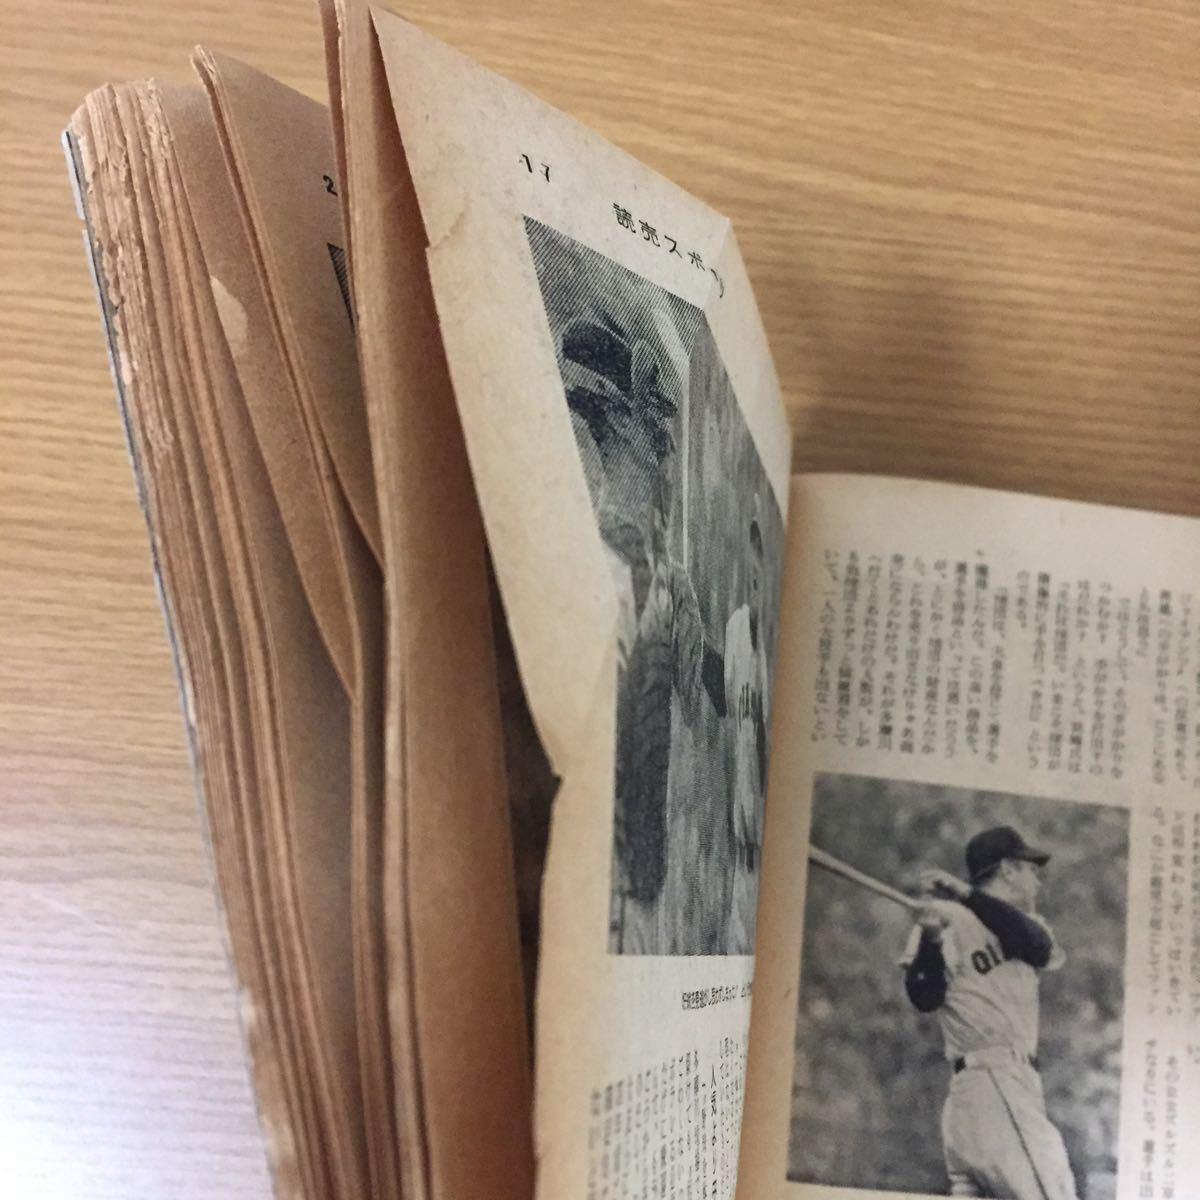 当時物 週刊読売スポーツ 1959年(昭和34年)11月13日発行 野球 巨人 広岡 鶴岡_画像7